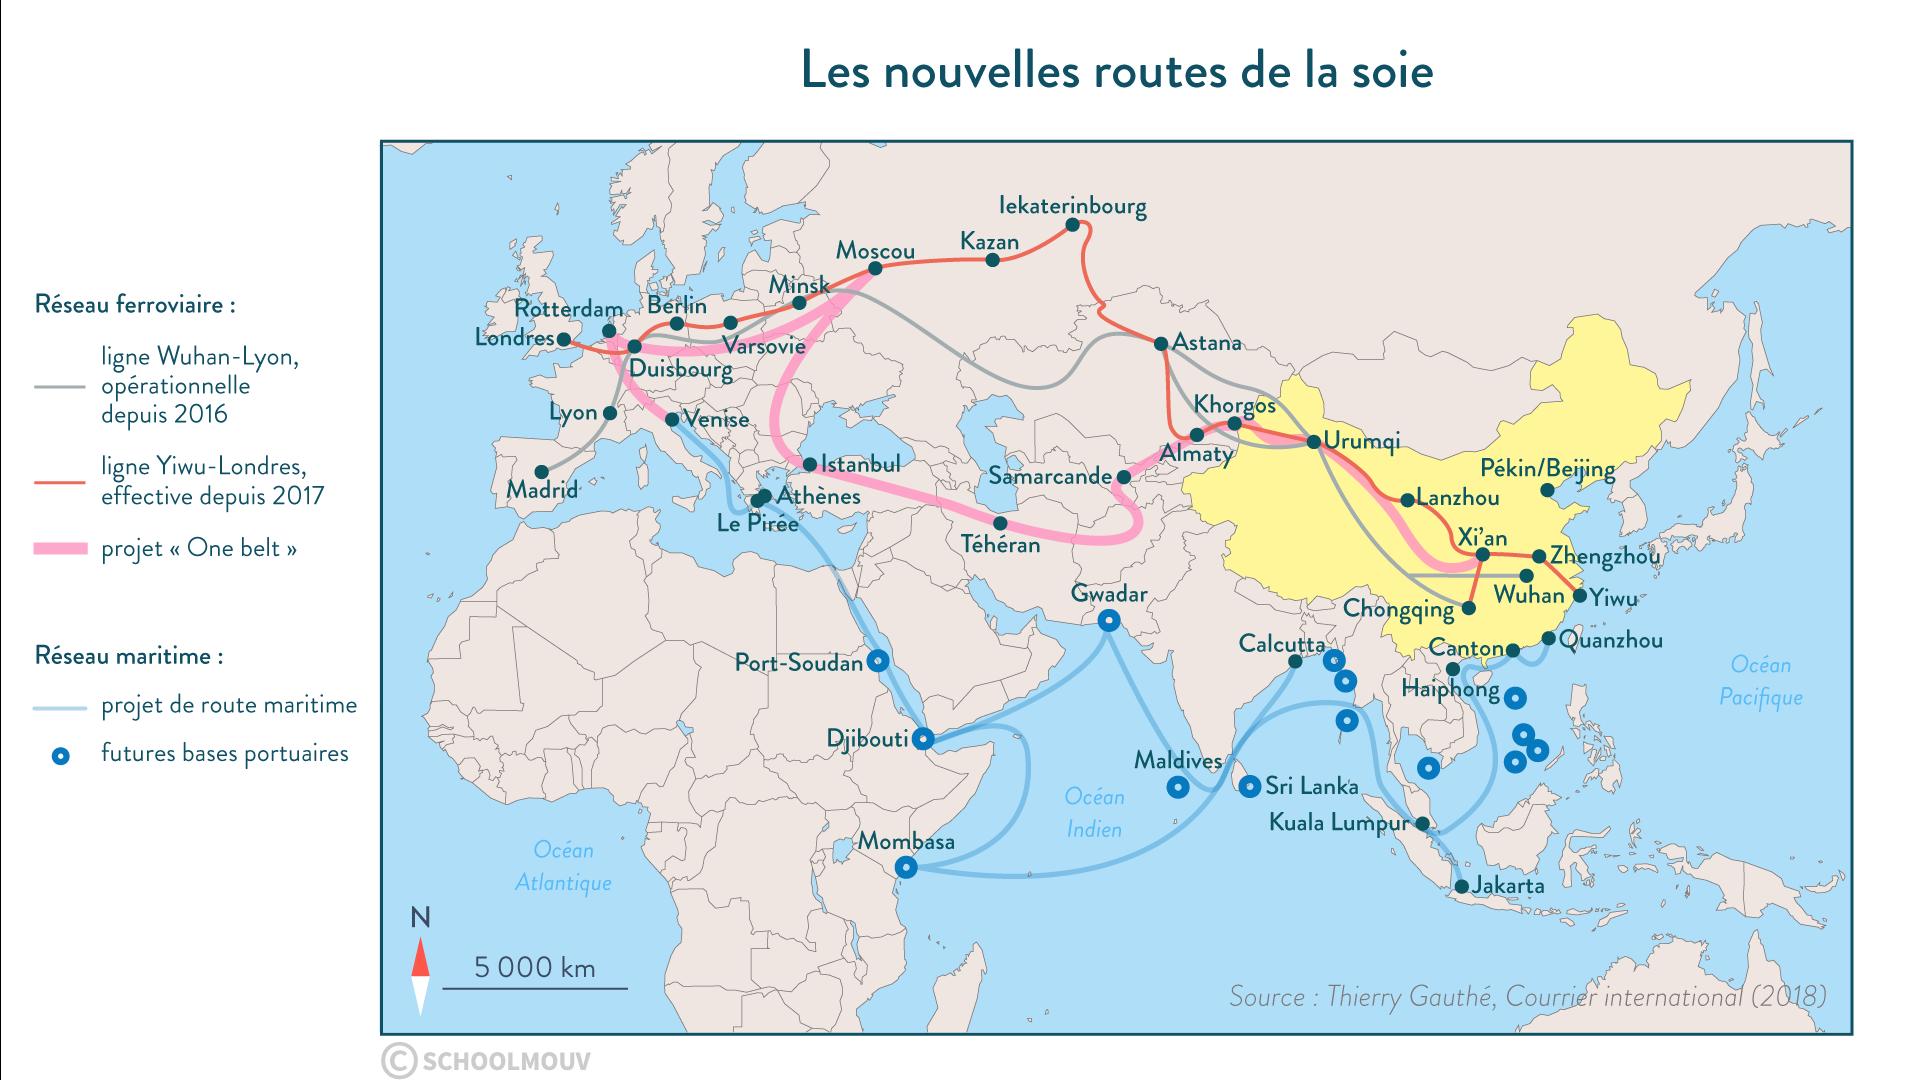 Les nouvelles routes de la soie - géographie - 1re - SchoolMouv